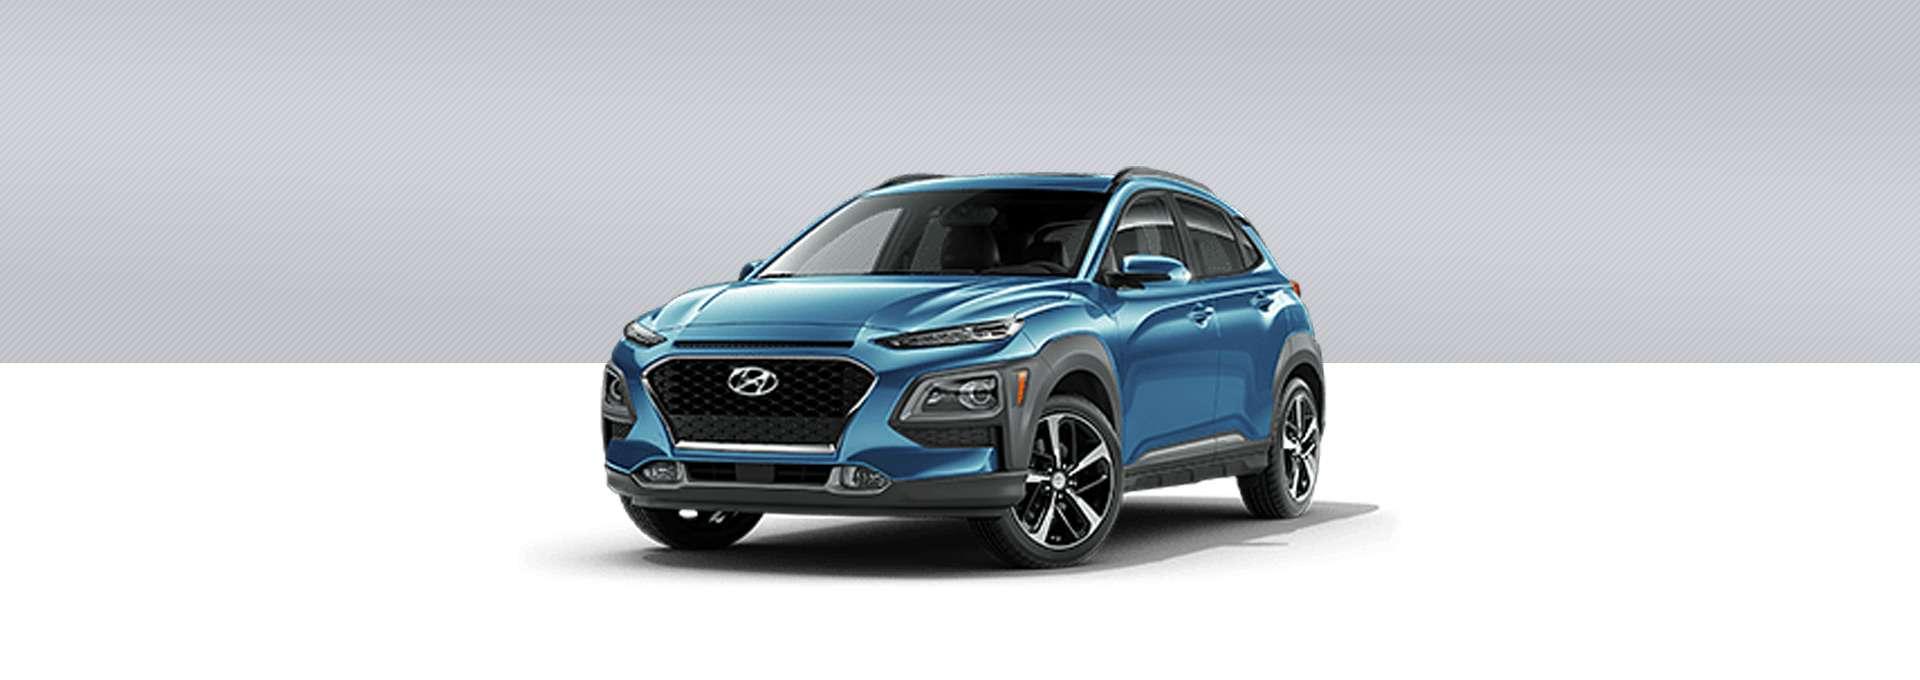 Hyundai Nuevo Kona Hibrido Eléctrico